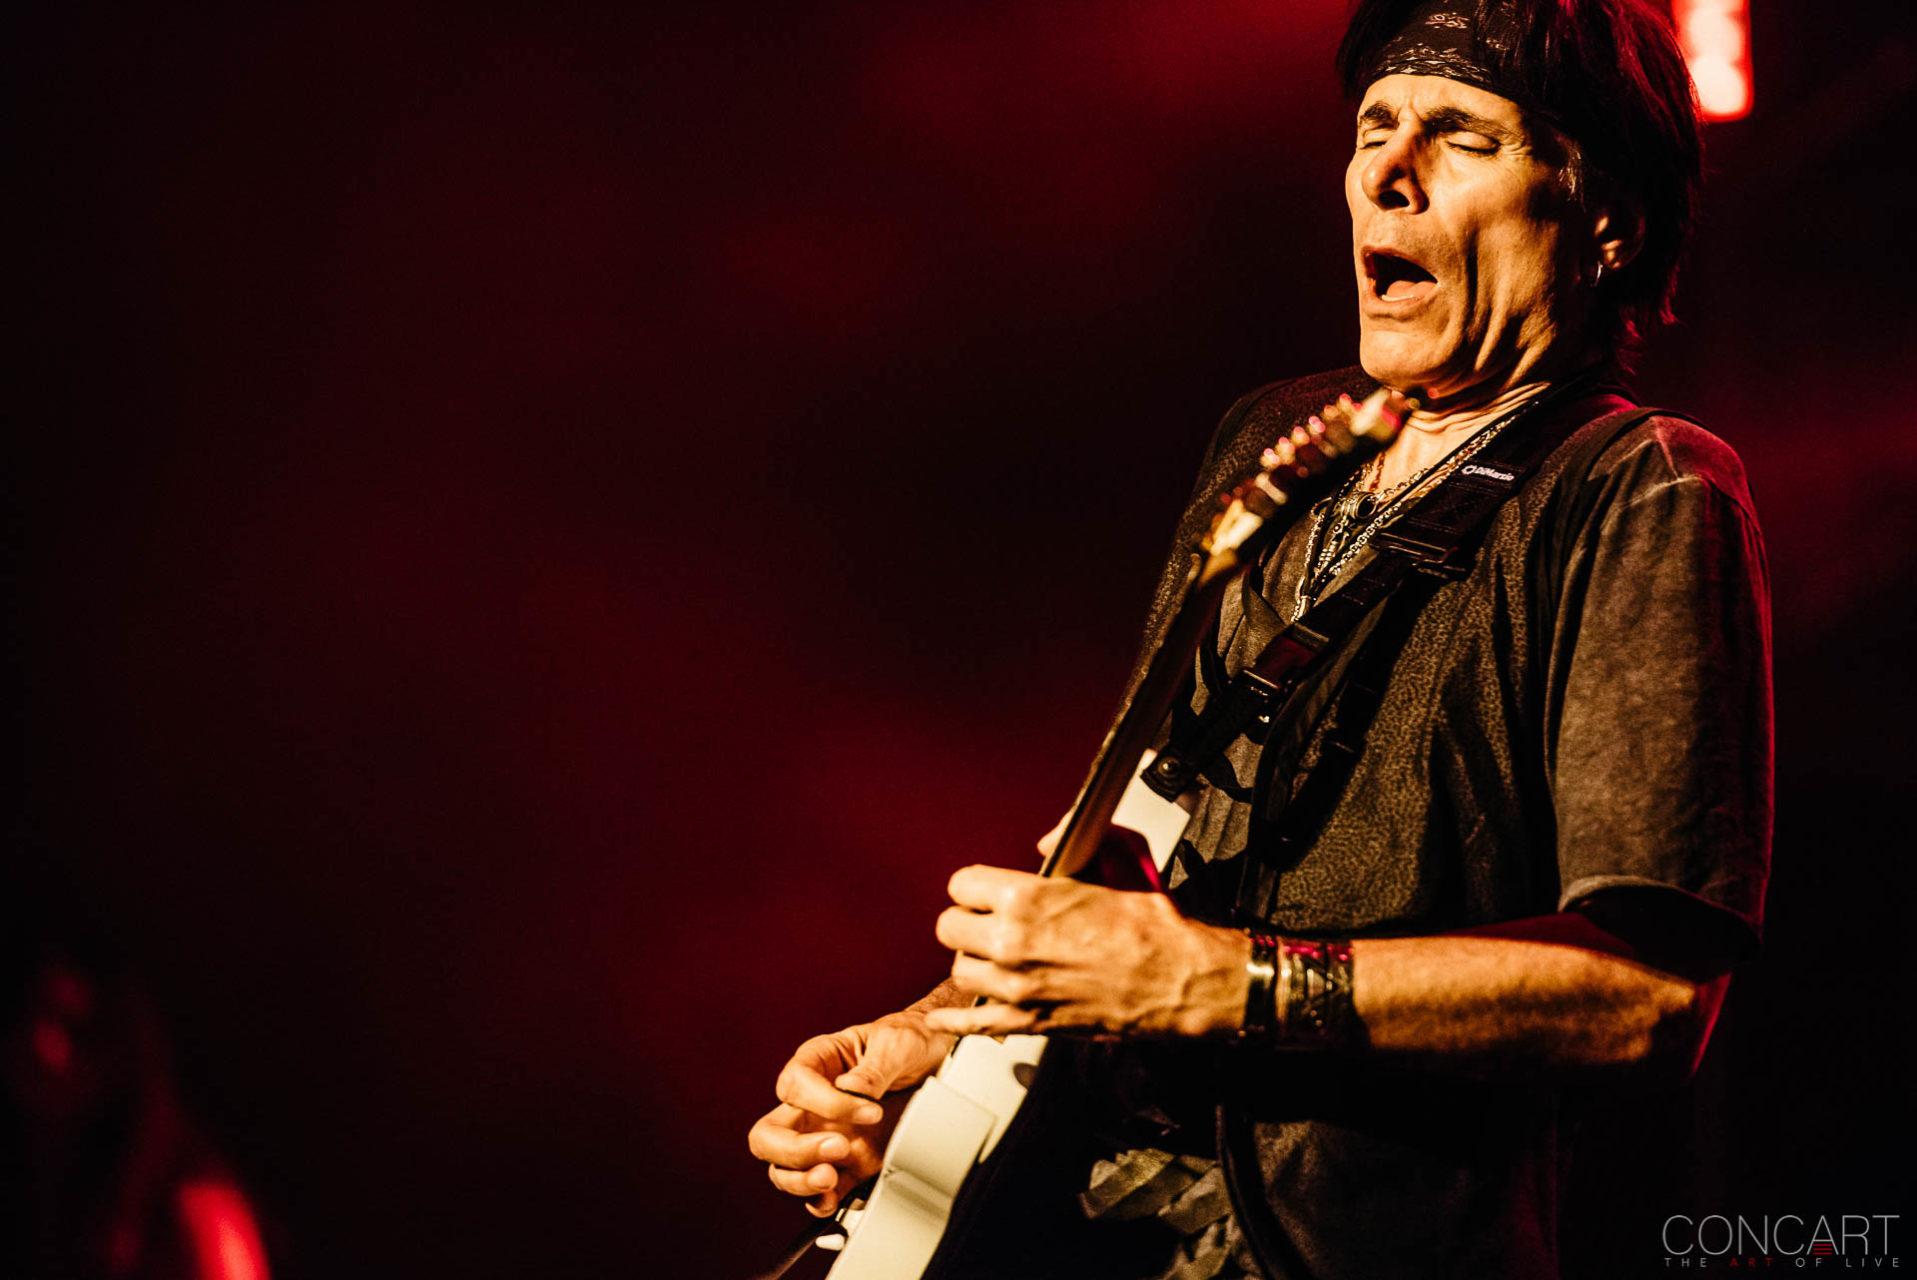 Steve Vai photo by Sean Molin 1